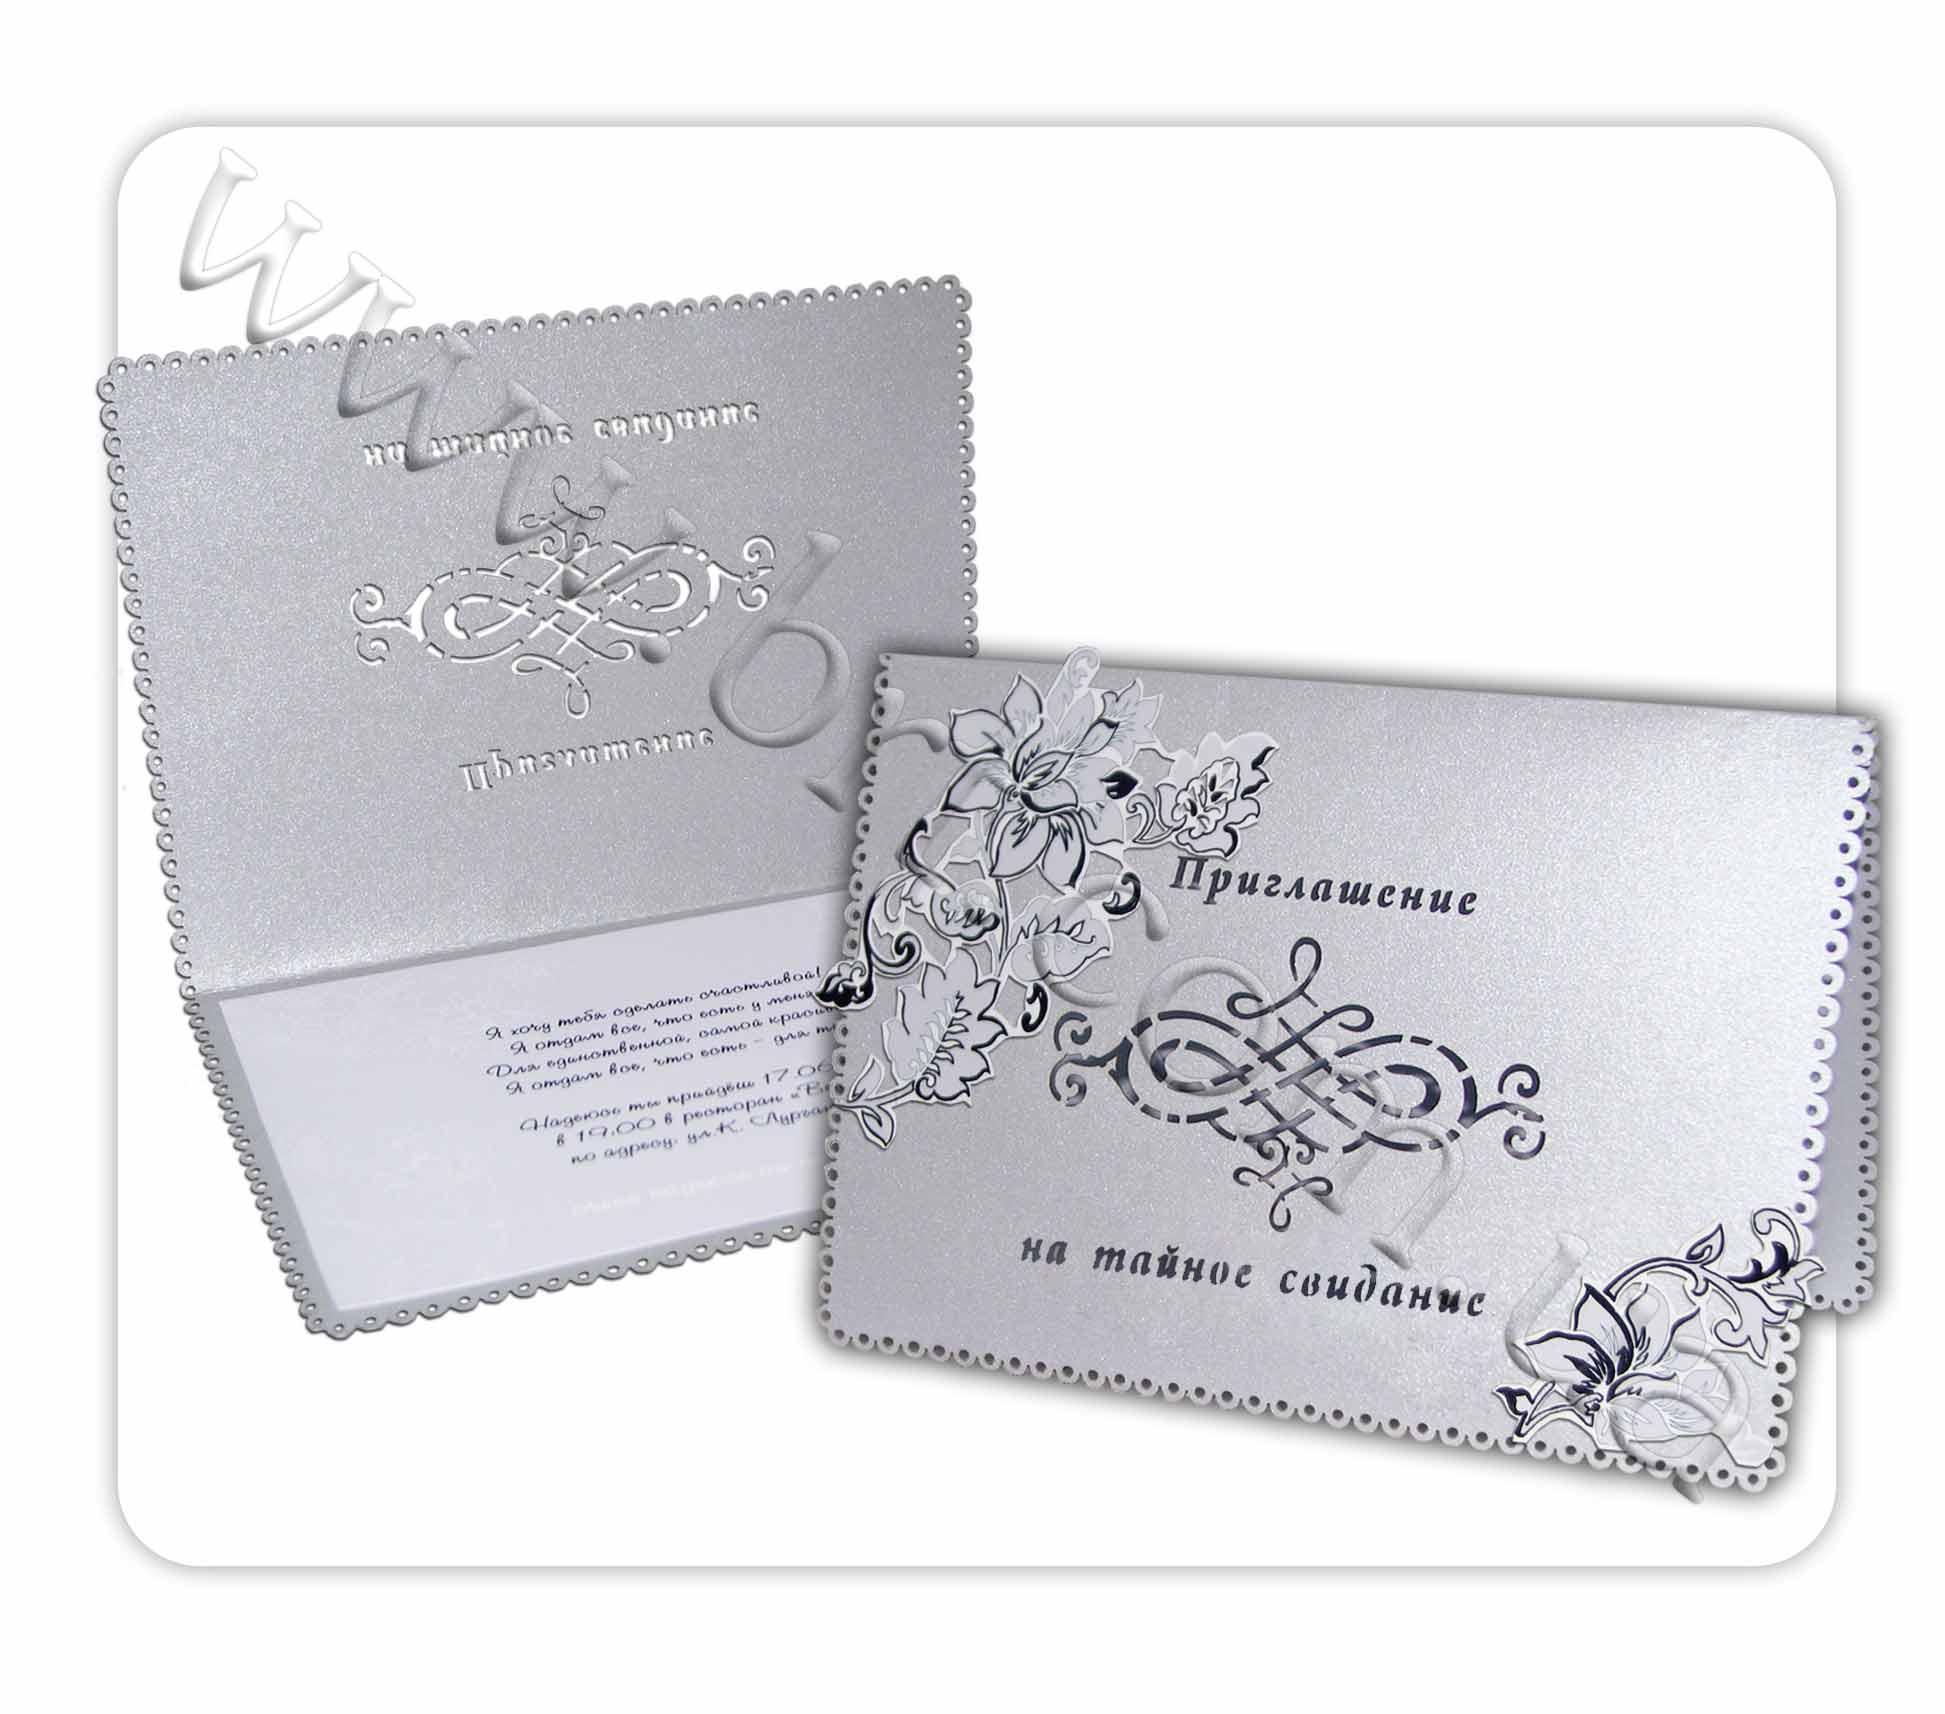 киригами открытка с павлином